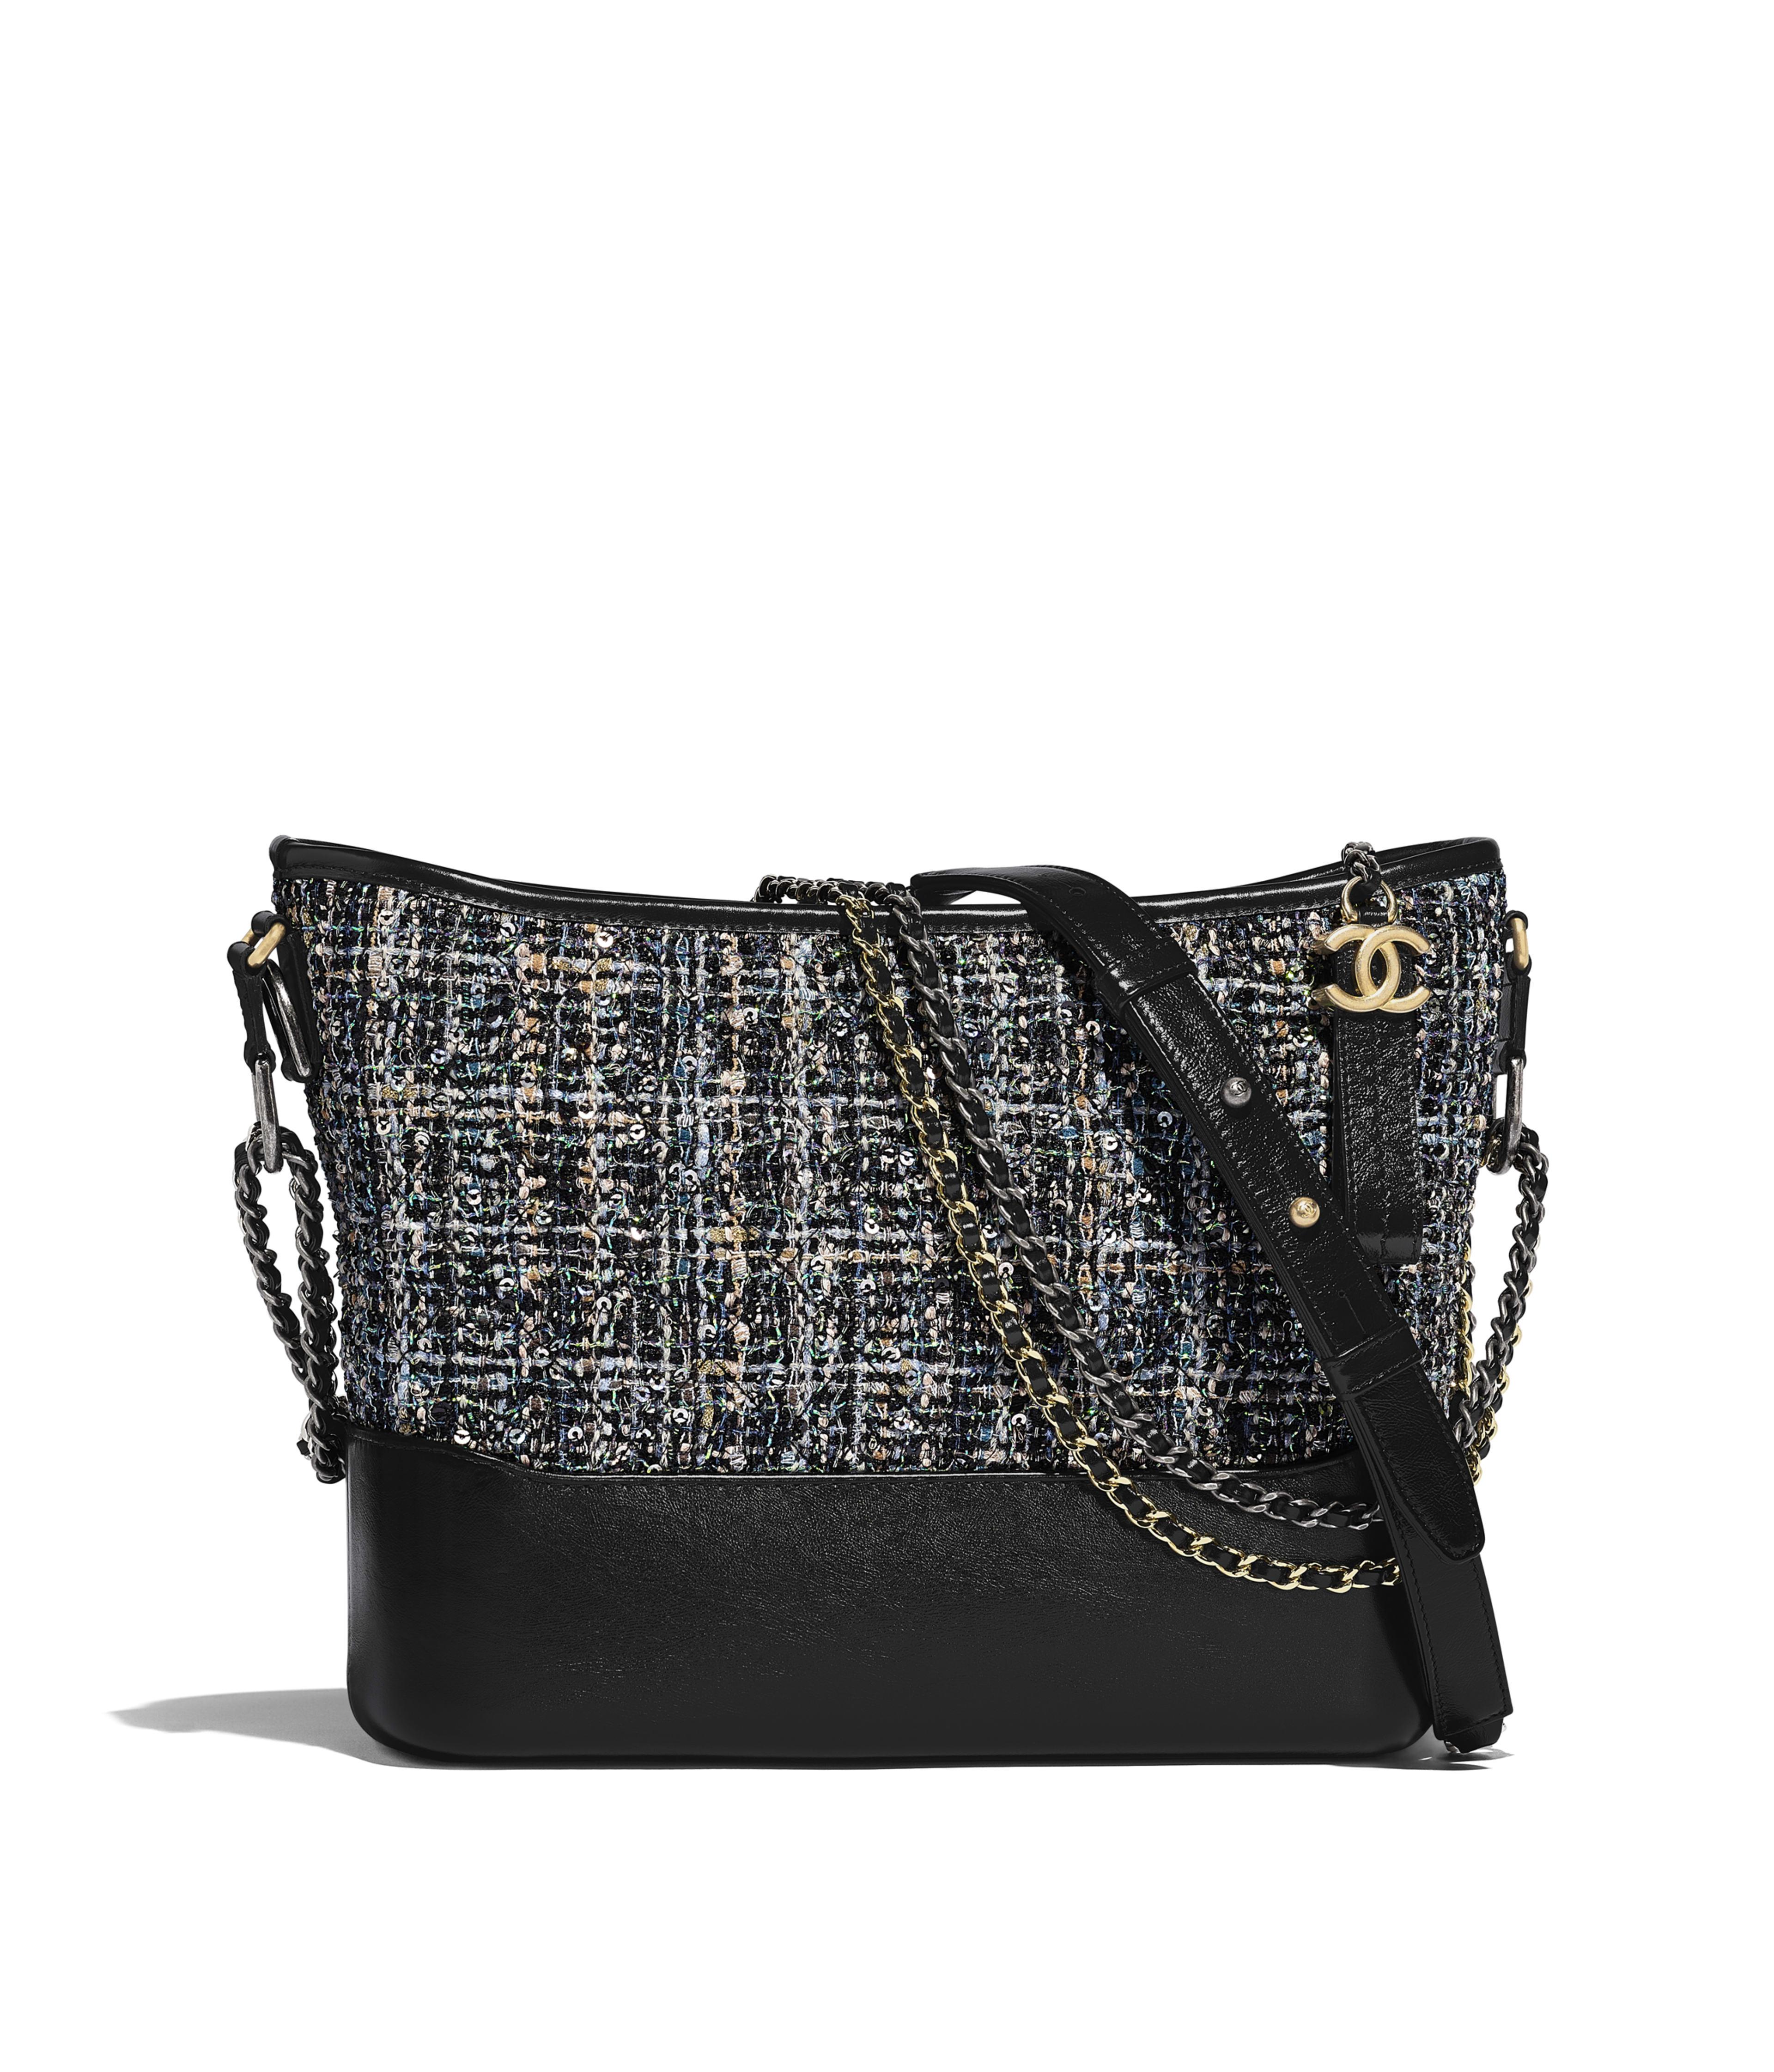 76e45d02371a CHANEL S GABRIELLE Bag - Handbags